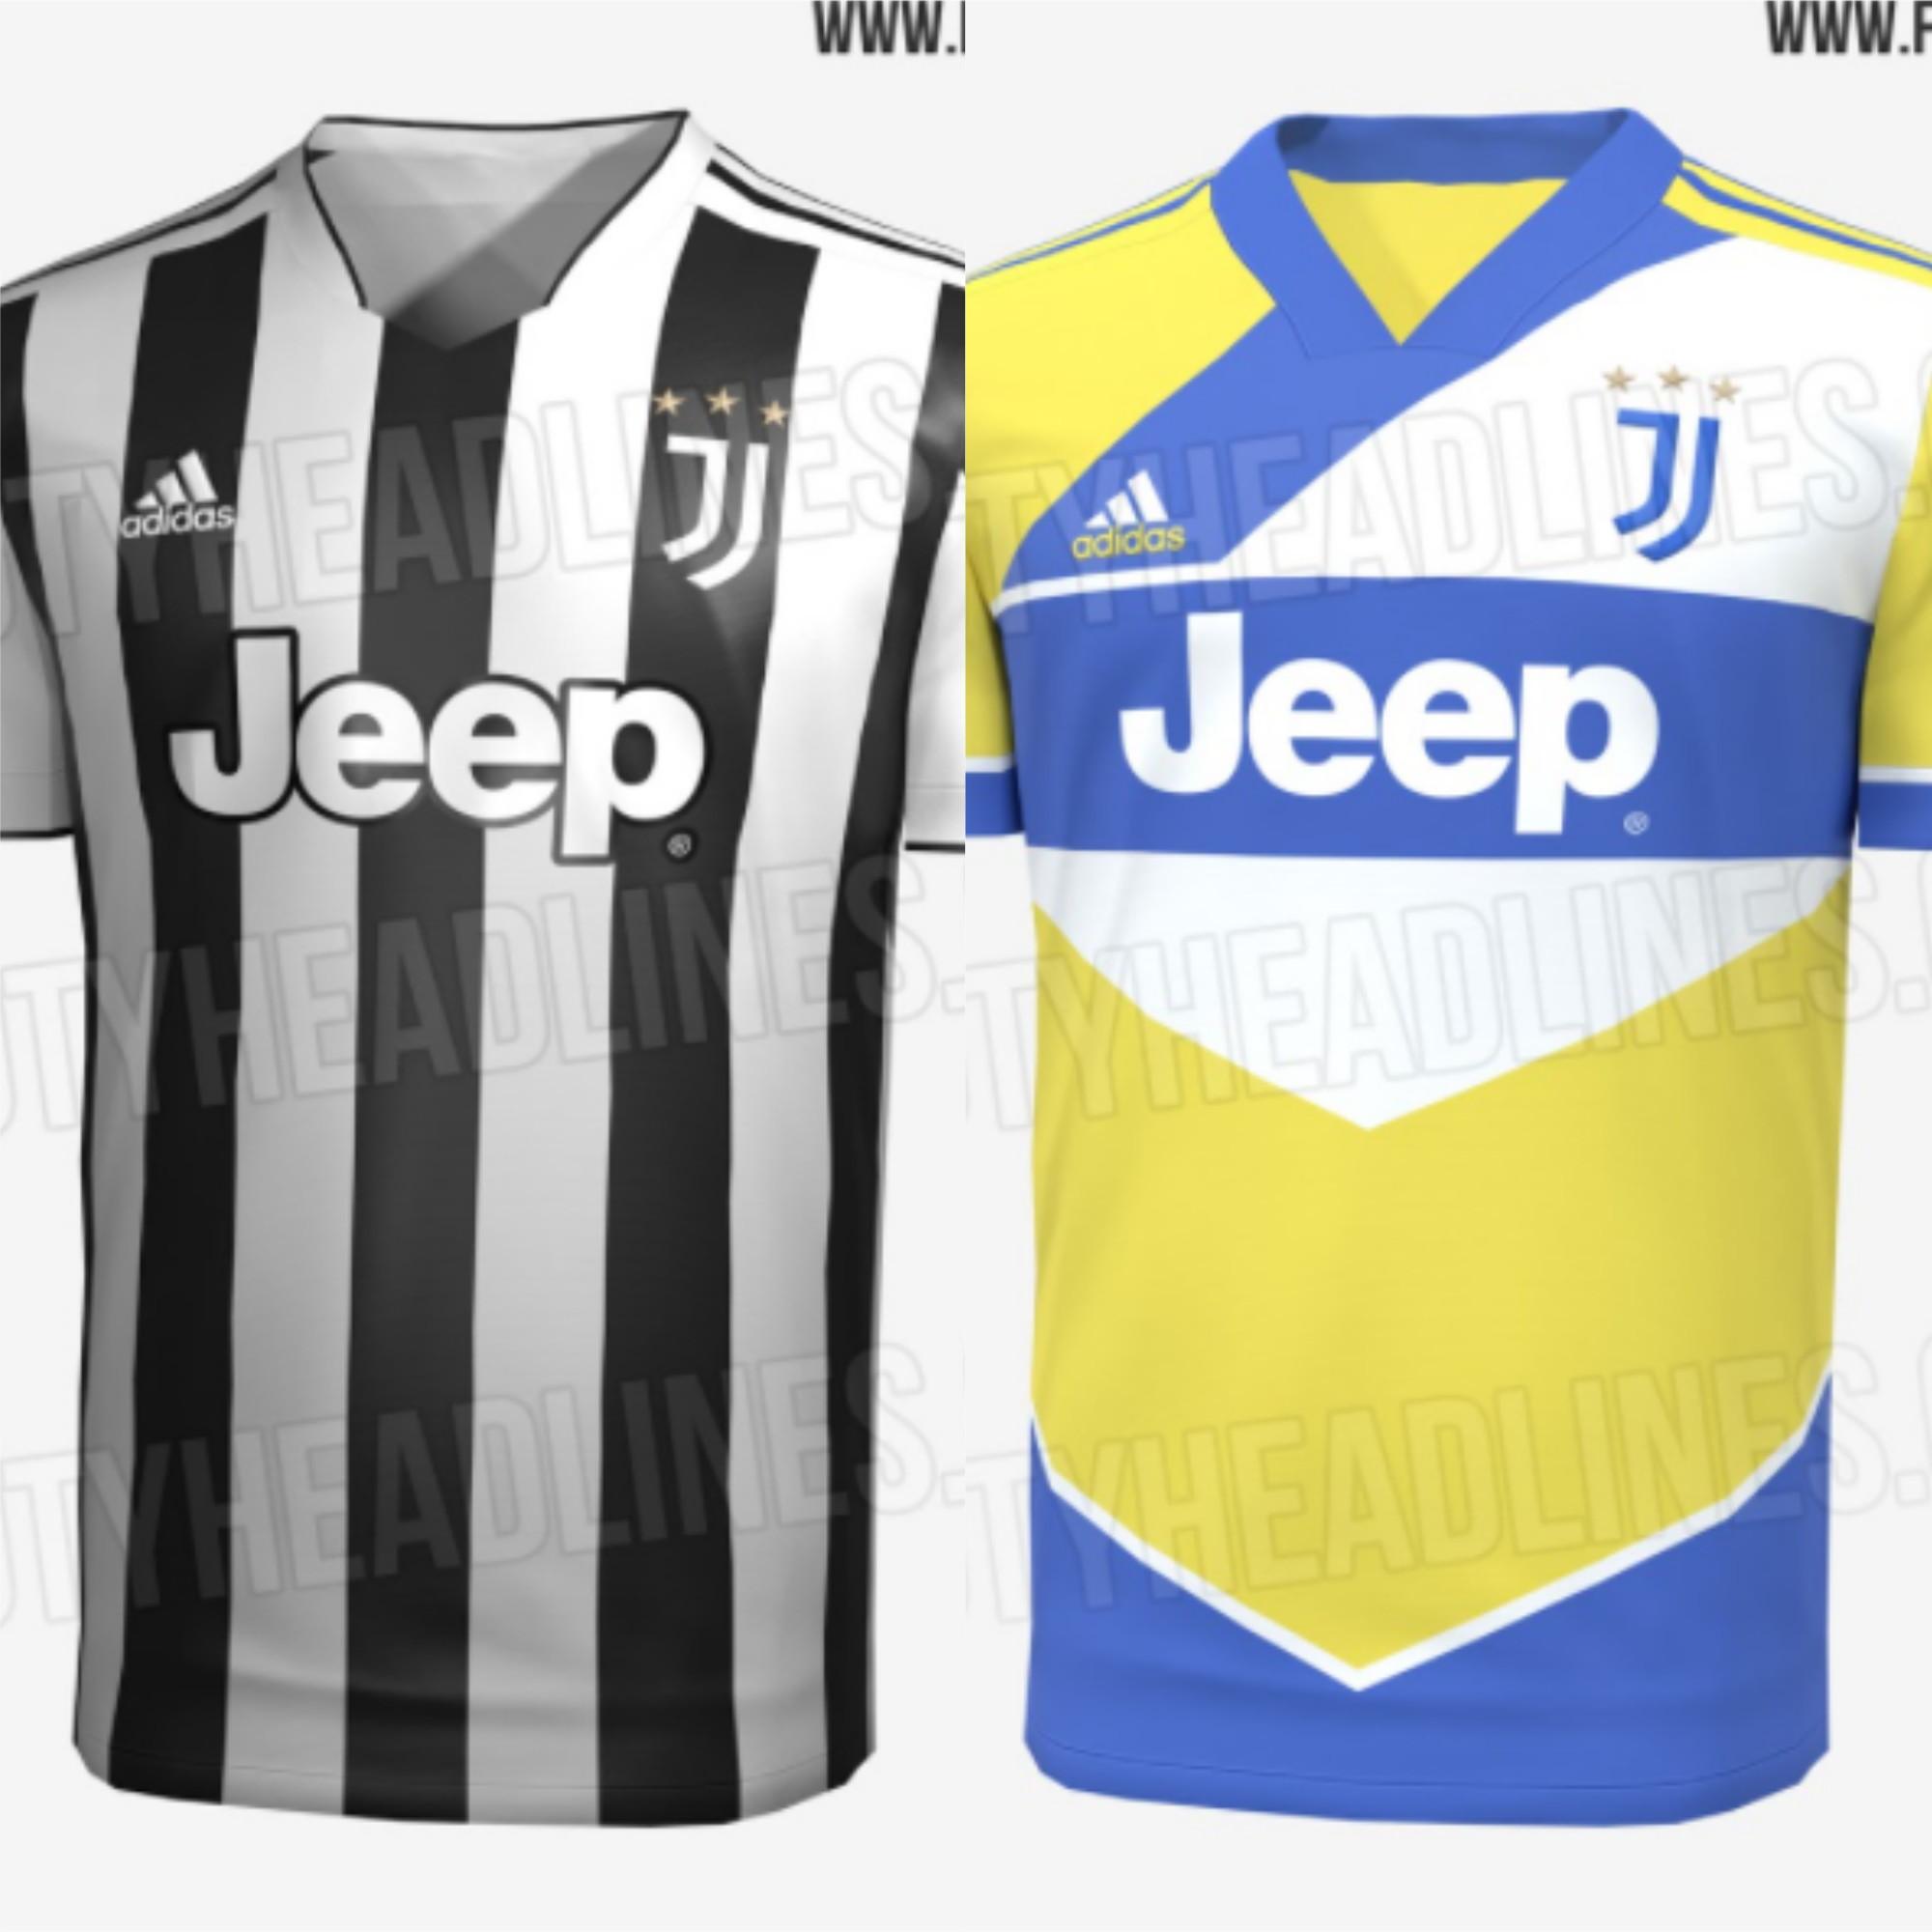 FootyHeadlines&nbsp;ha svelato le immagini della prima e della terza maglia della Juventus per la prossima stagione, la 2021/22. Se la prima divisa gioca sul classico bianconero, la particolarit&agrave; star&agrave; in un dettaglio che ricorder&agrave; il decimo anniversario dello Stadium: una patch con la grafica &quot;10 years at home&quot;, dieci anni a casa. Decisamente pi&ugrave; innovativa la terza maglia con il giallo (denominato shock) e il blu a farla da padrone assieme al bianco, uniti da uno stile geometrico.<br /><br />